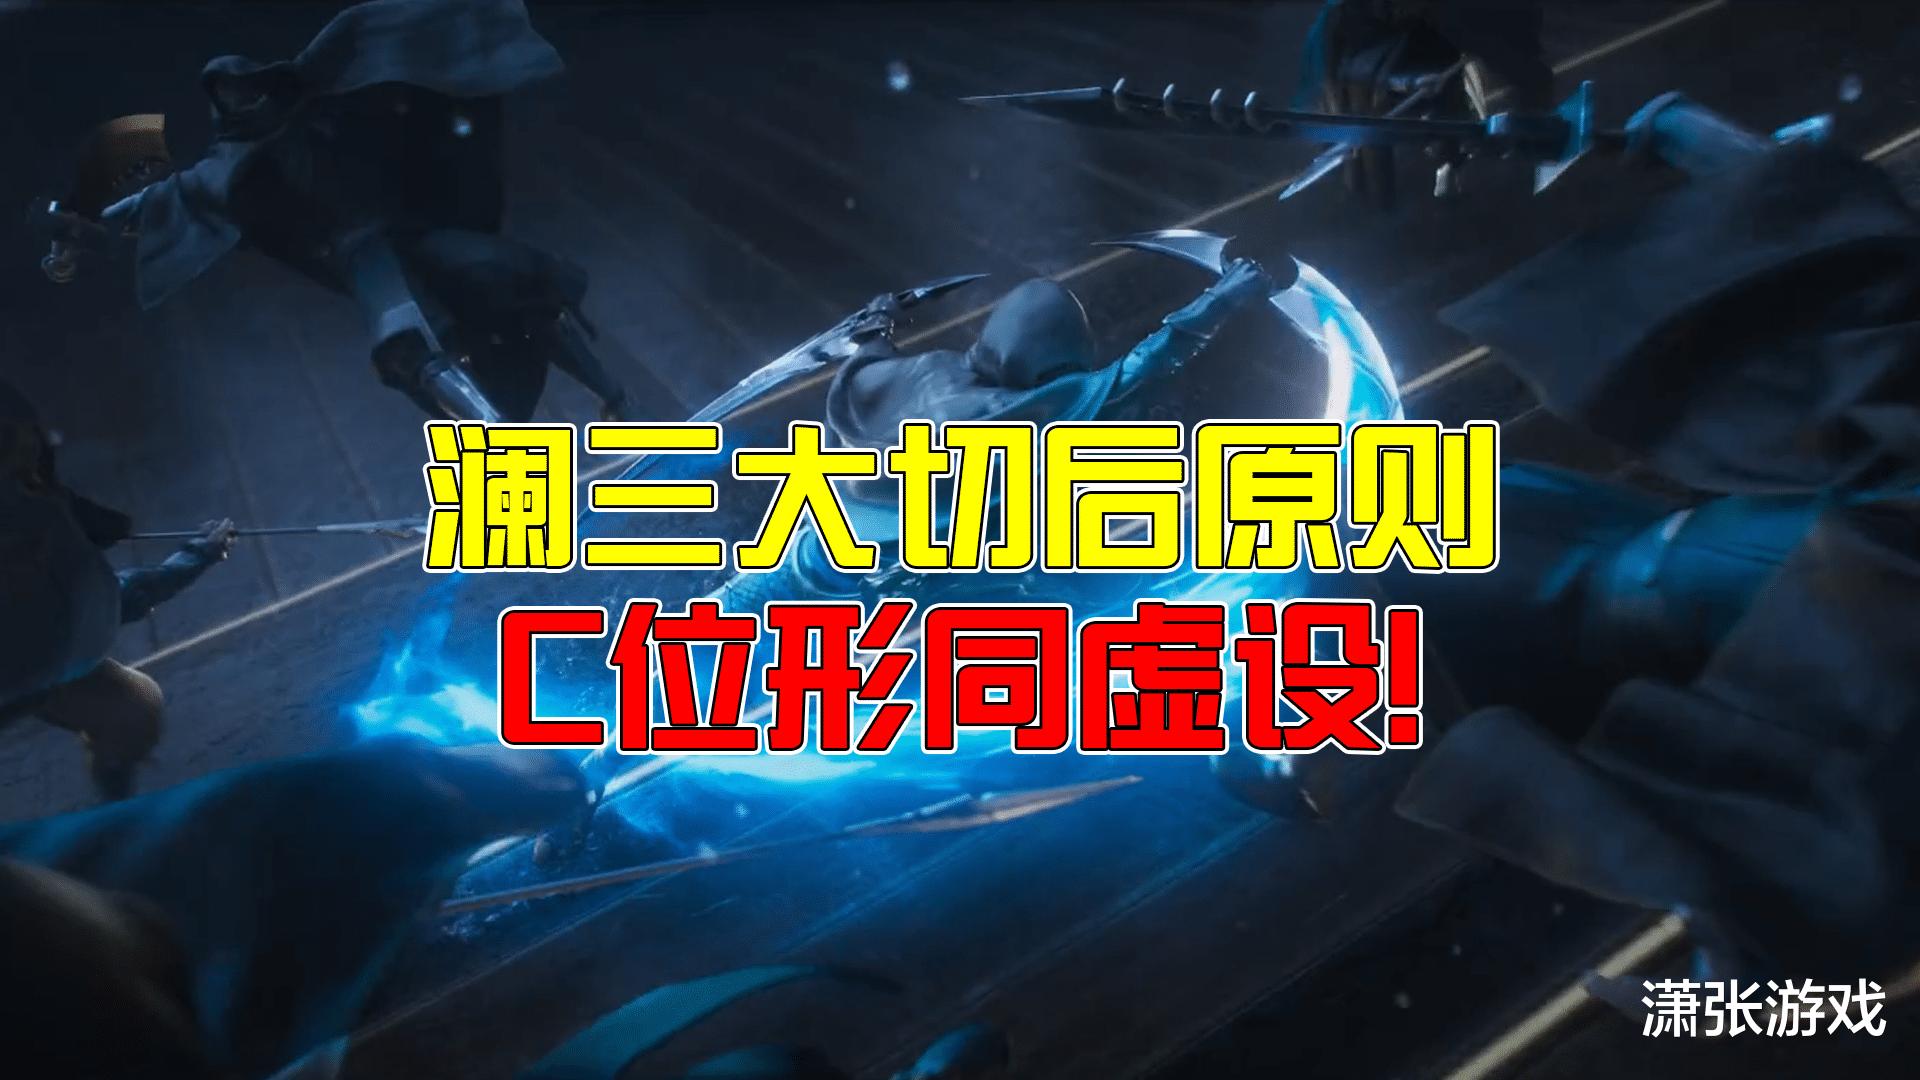 劳克蒙德_王者荣耀潇张:新英雄澜的三大切后法则,射手们瑟瑟发抖吧!